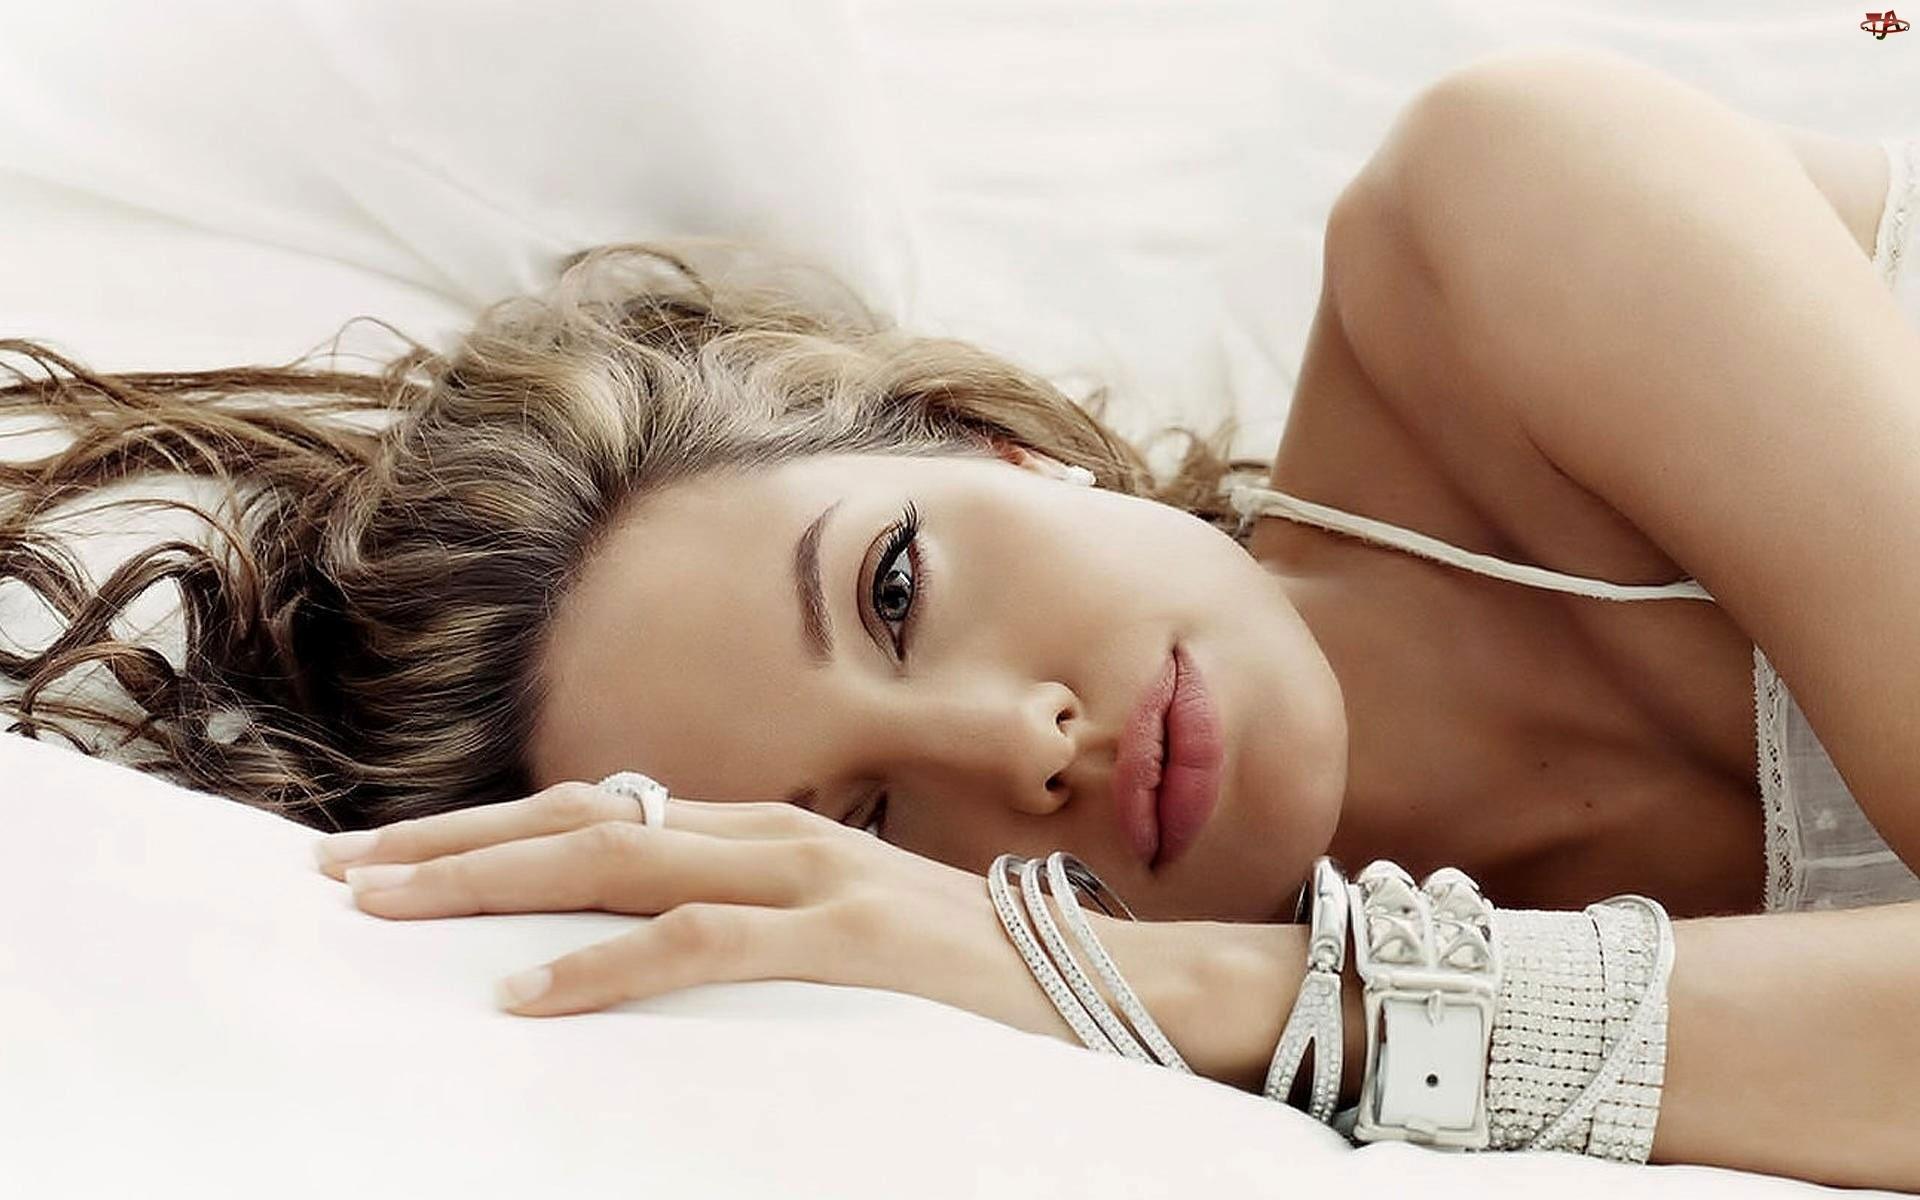 Pościel, Angelina Jolie, Biała